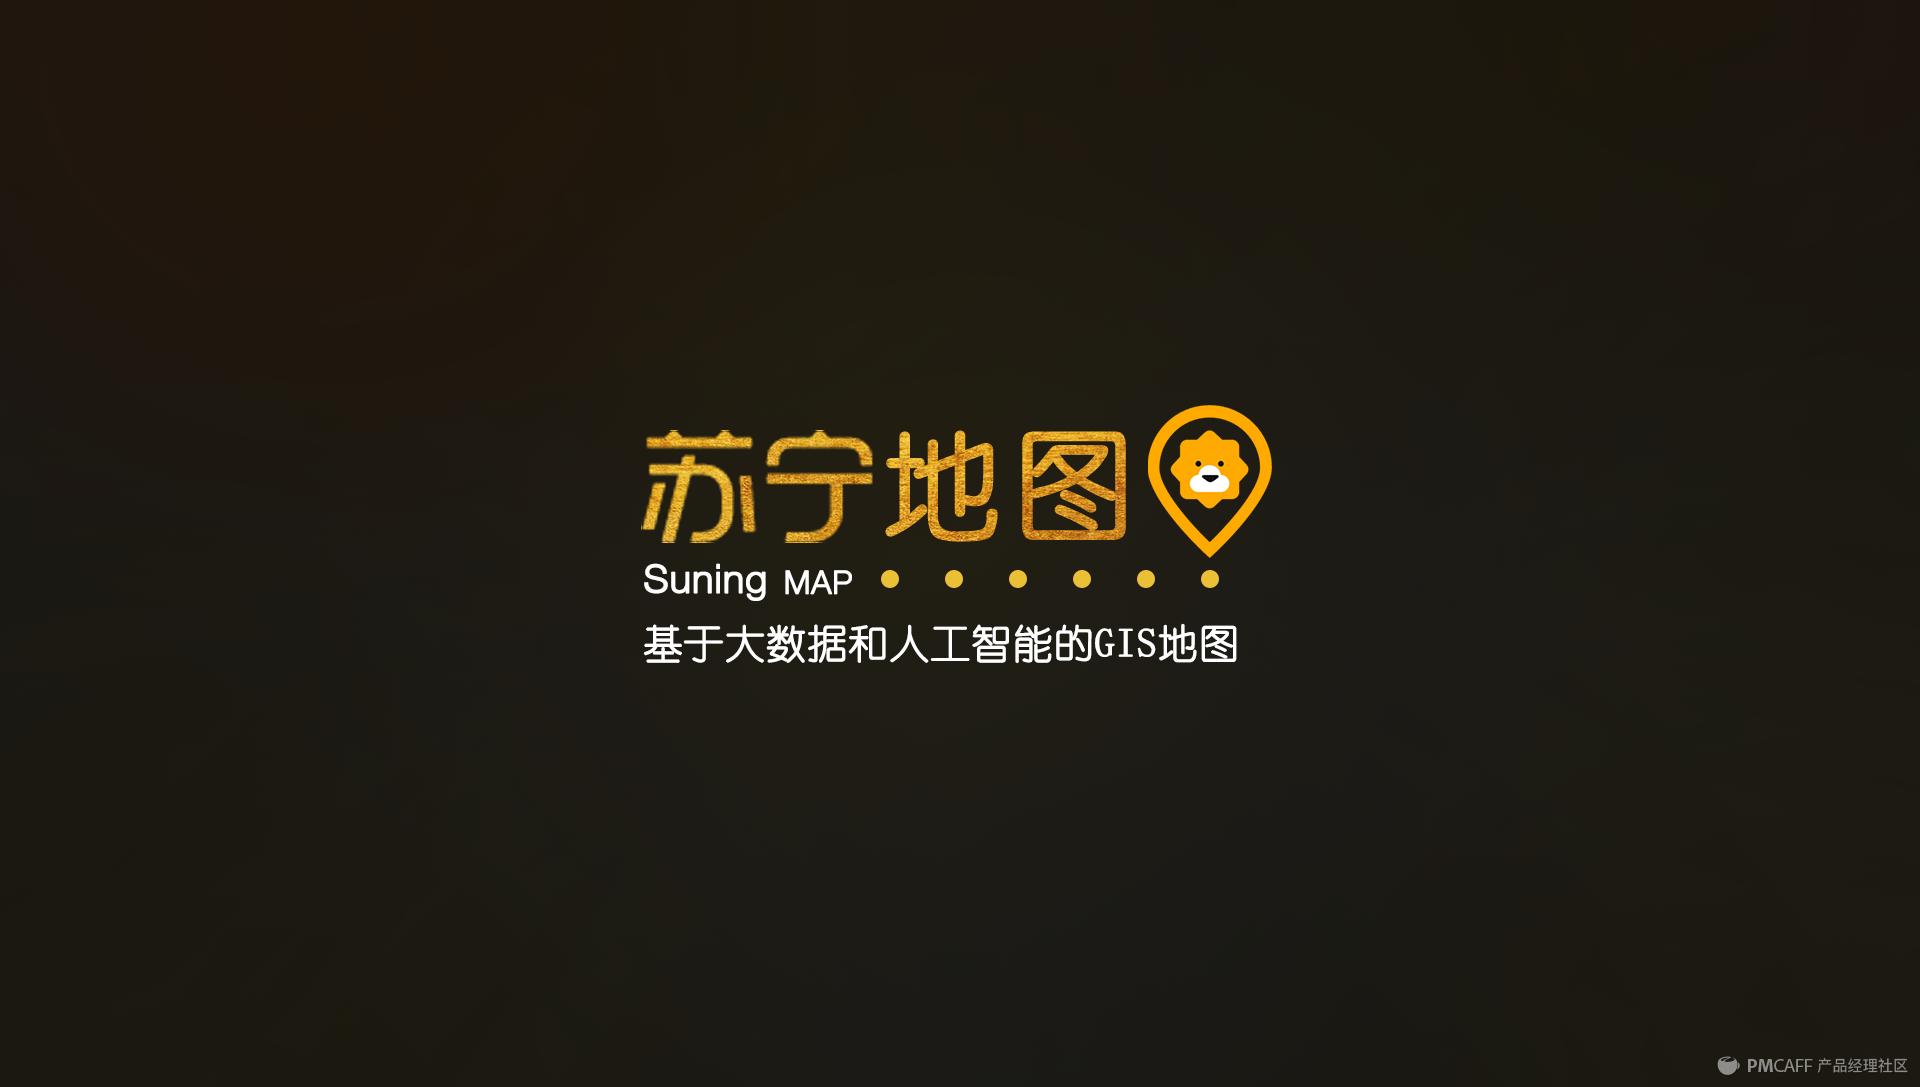 苏宁地图.png